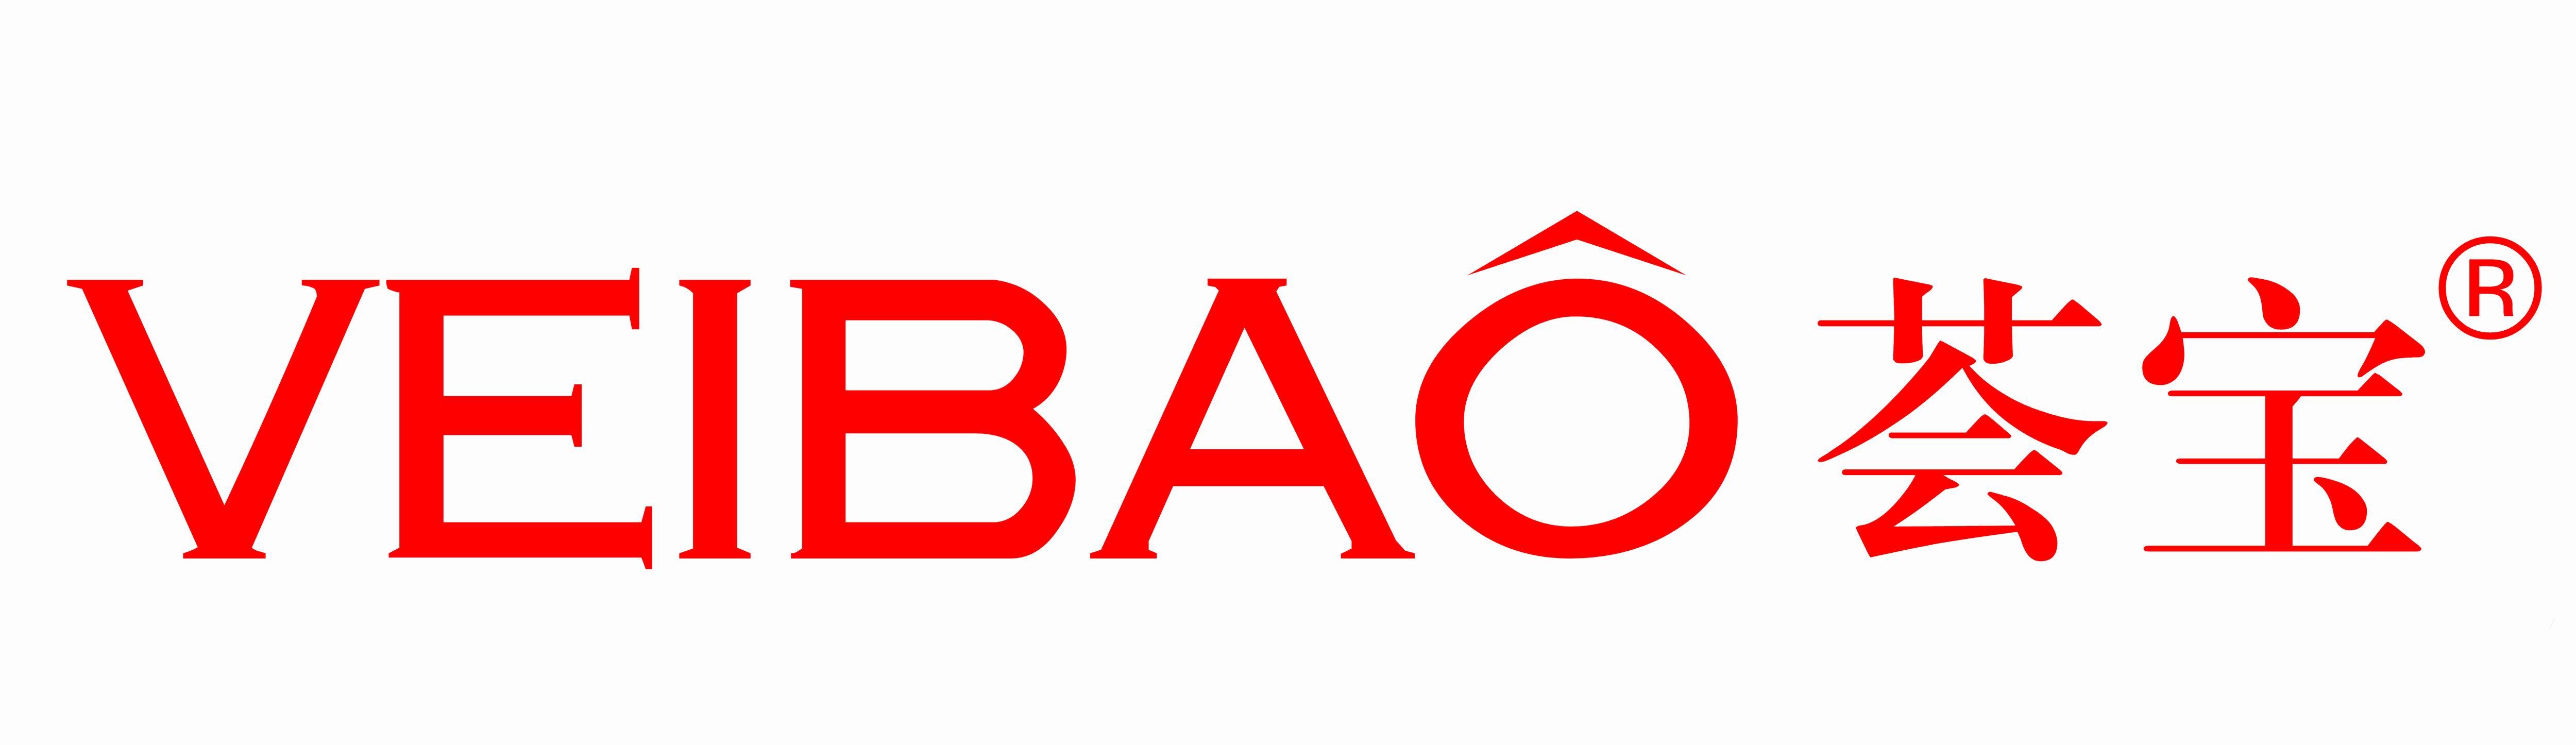 logo logo 标志 设计 矢量 矢量图 素材 图标 5000_1446